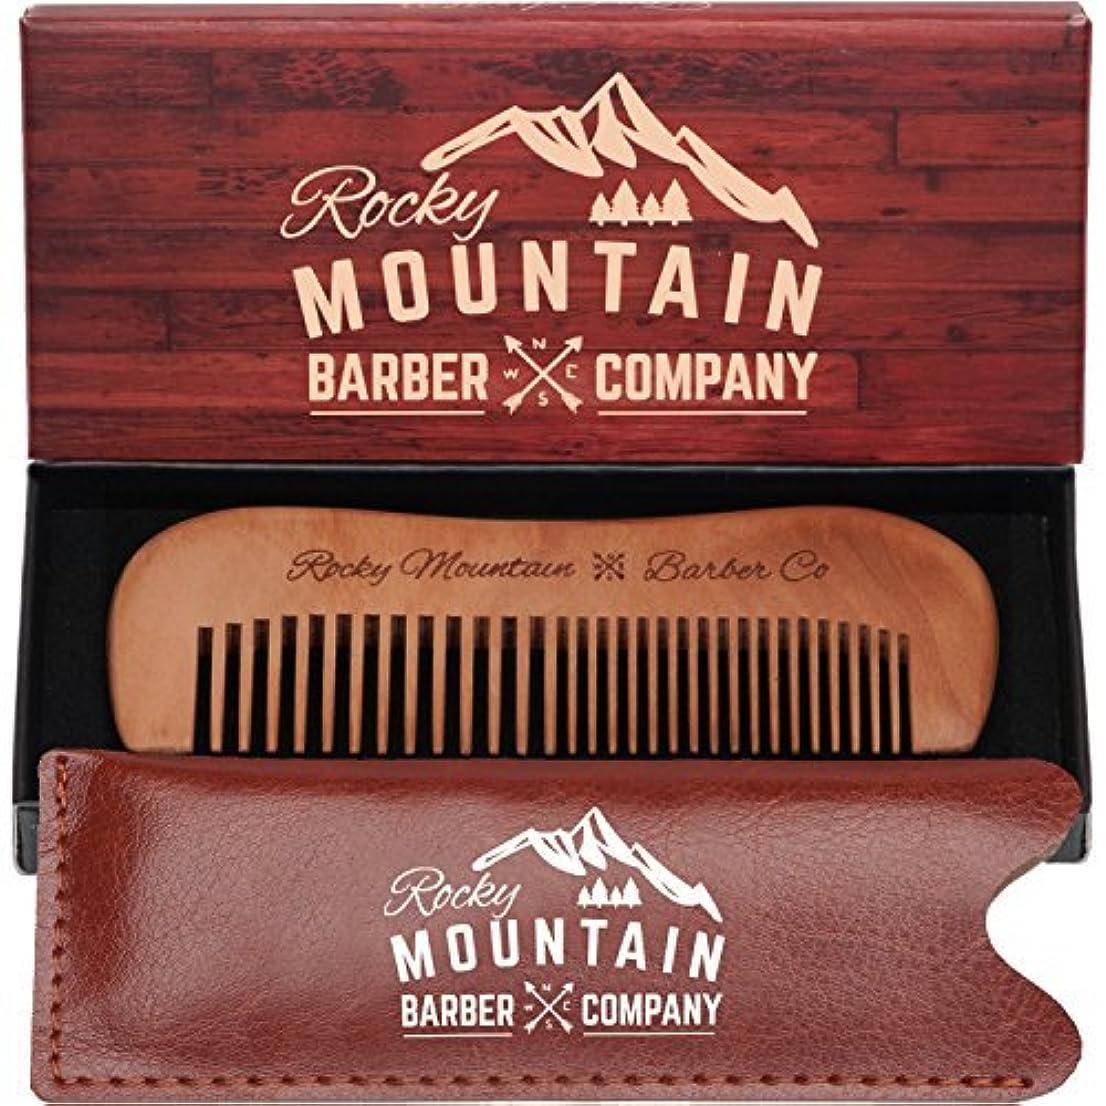 変更可能楽しませる貝殻Travel Hair Comb - Travel Size Comb with Fine and Medium Tooth for Mustache, Beard and Hair With Pocket Carrying...